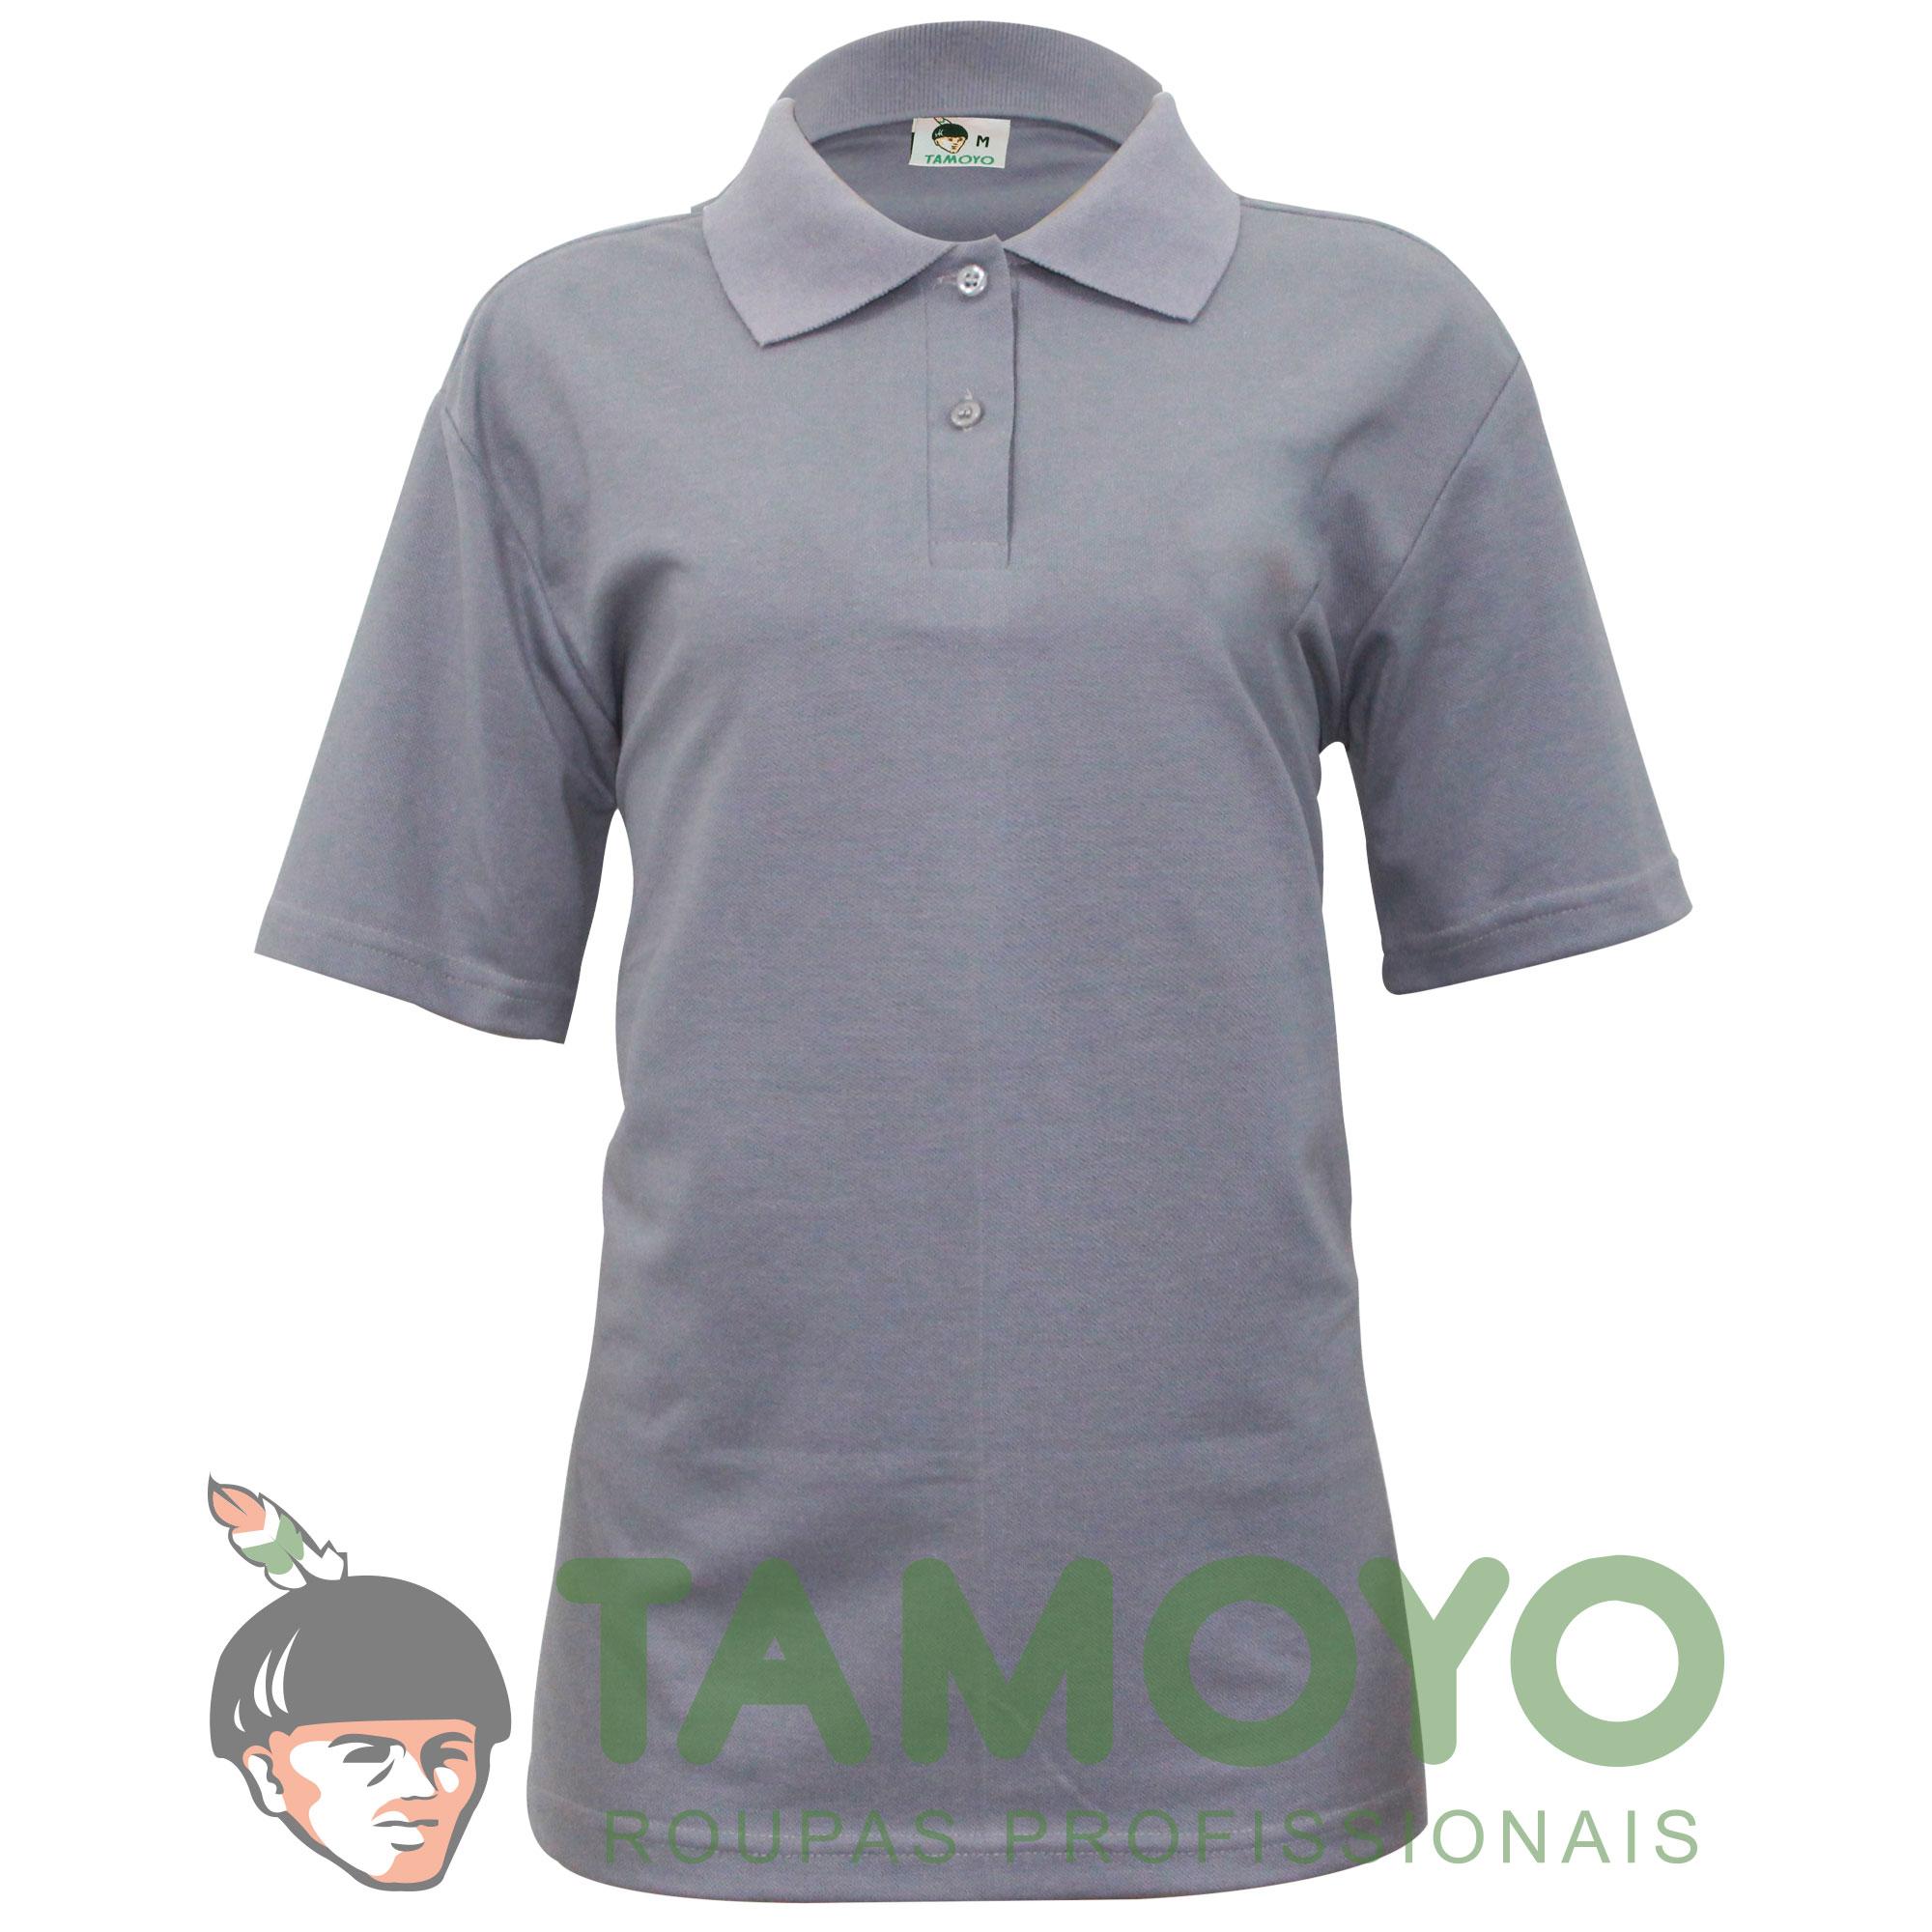 Camiseta Polo Manga Curta Feminina